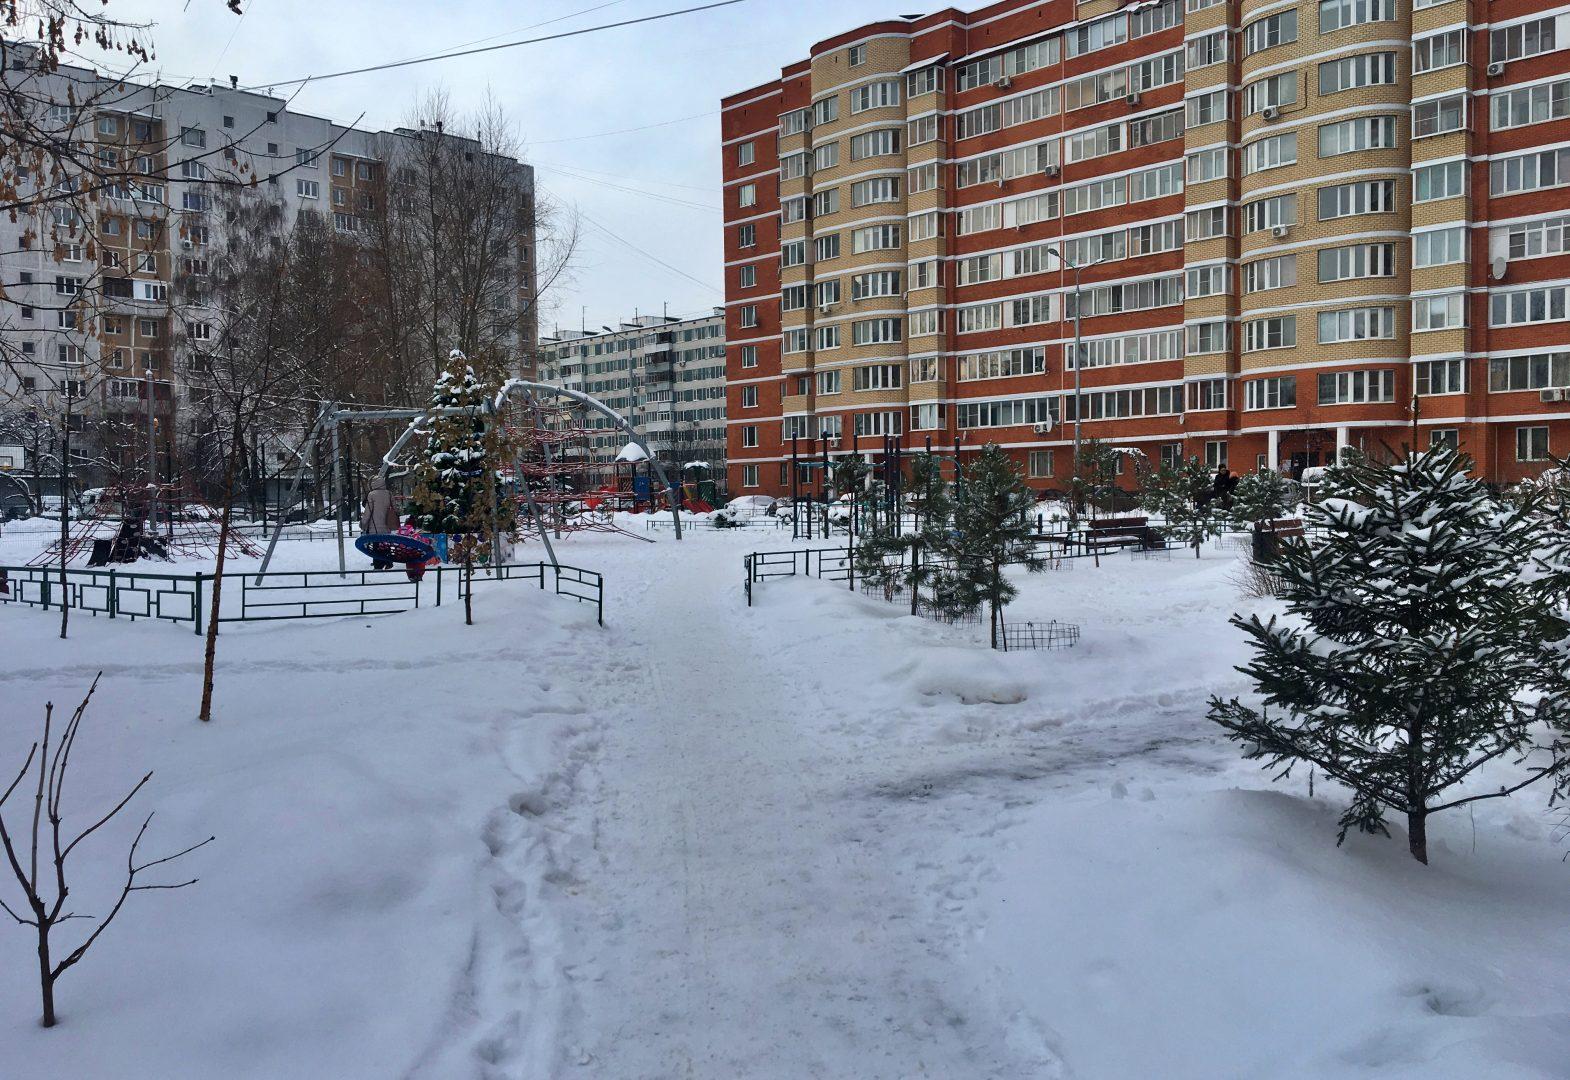 Синоптики рассказали о погоде в Москве в субботу. Фото: Анна Быкова